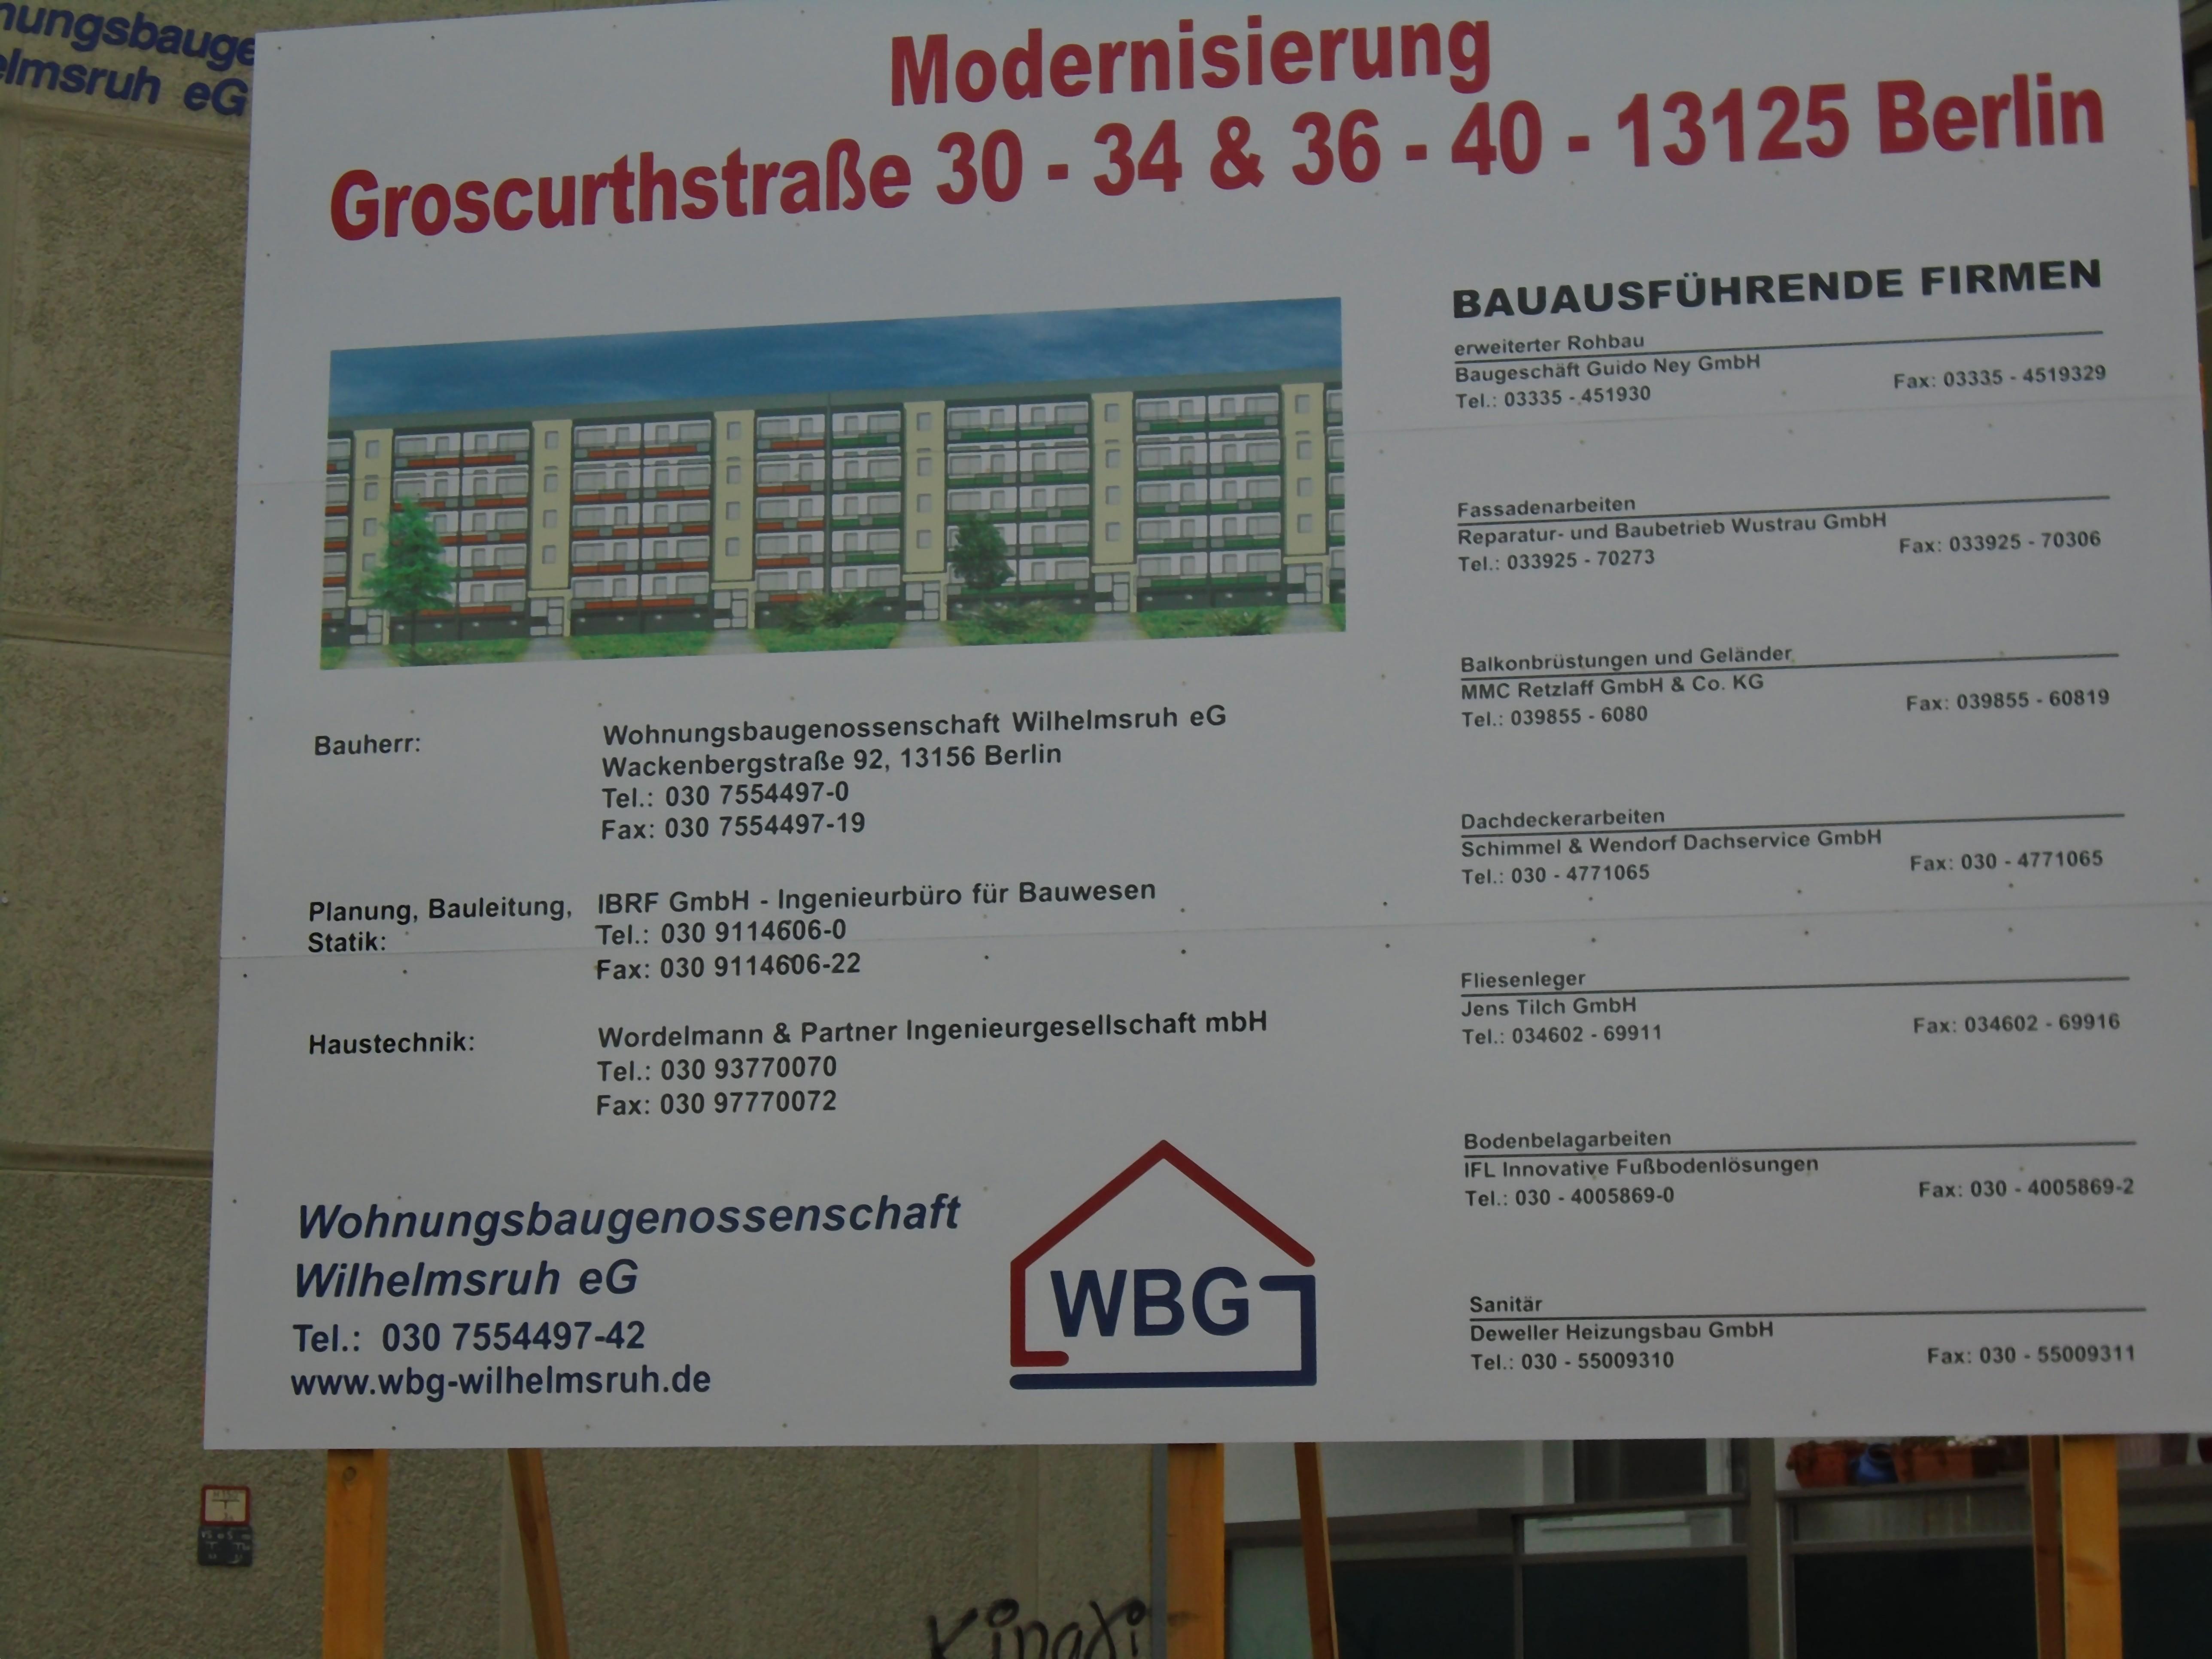 Wiltbergstrasse   Bucher Bürgerverein e.V.